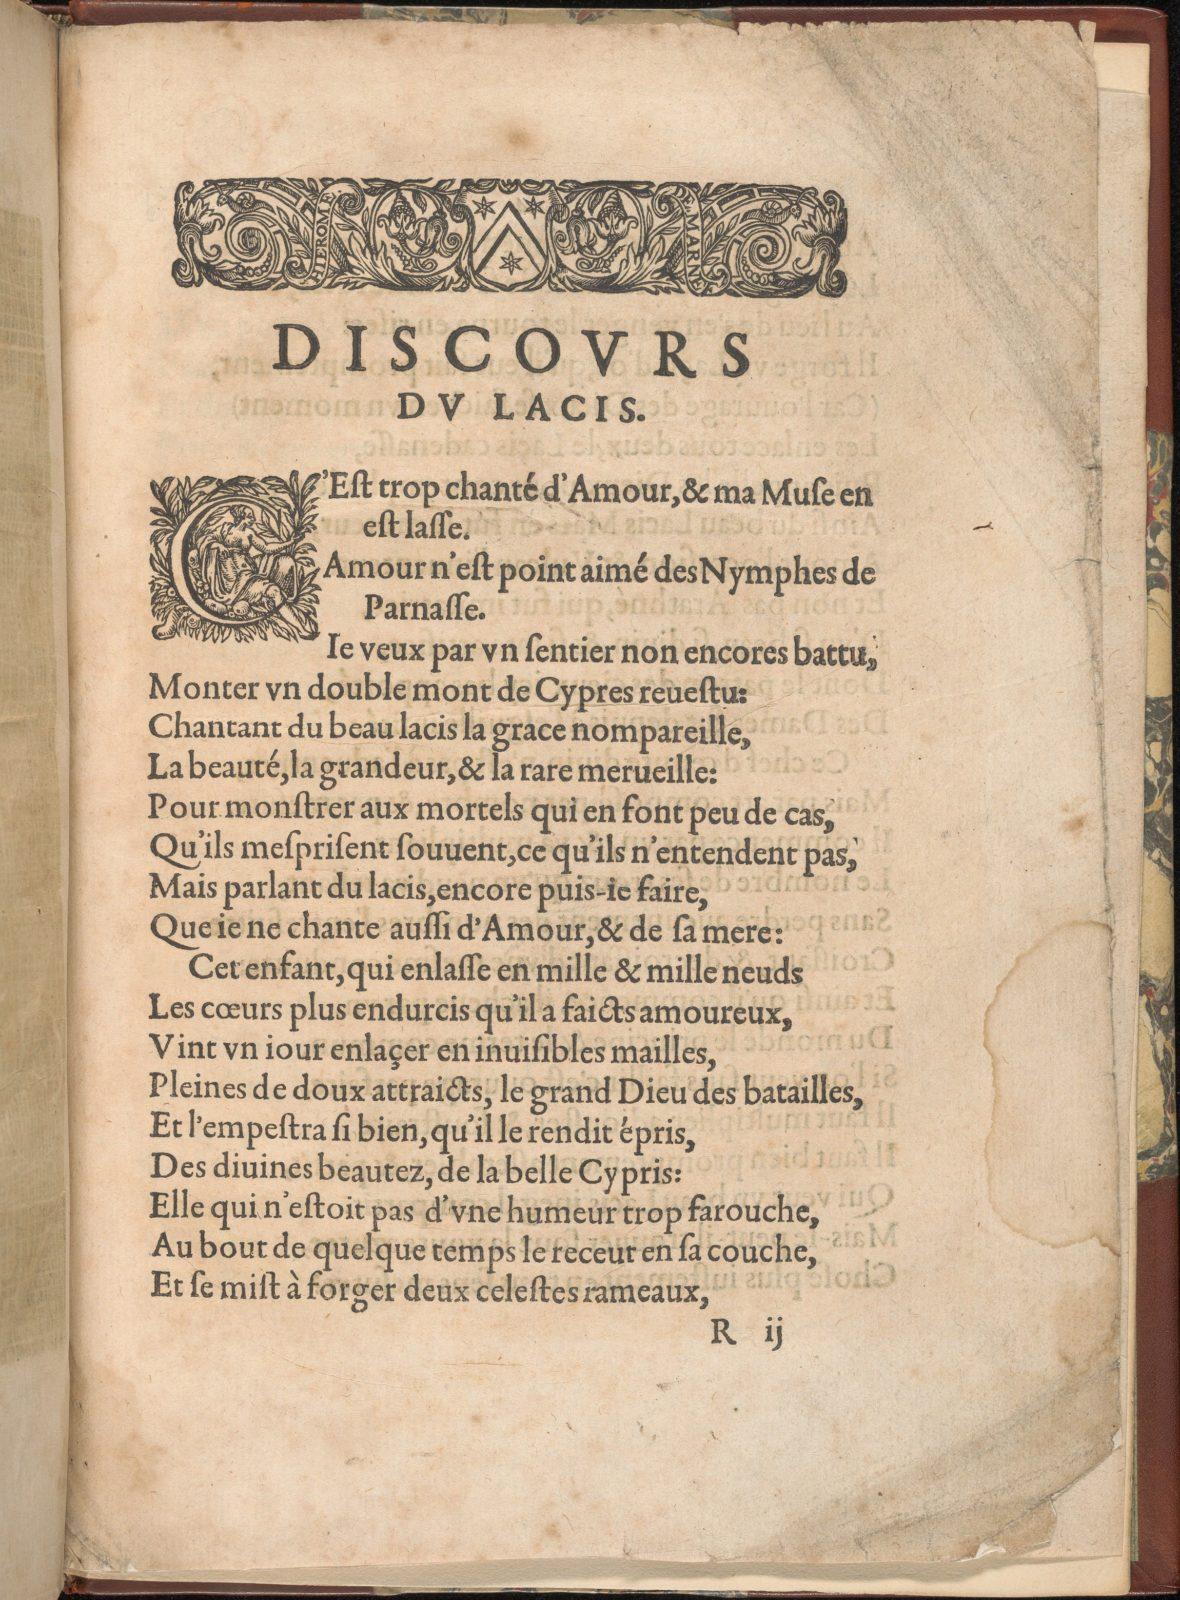 Les Secondes Oeuvres, et Subtiles Inventions De Lingerie du Seigneur Federic de Vinciolo Venitien, page 66 (recto)